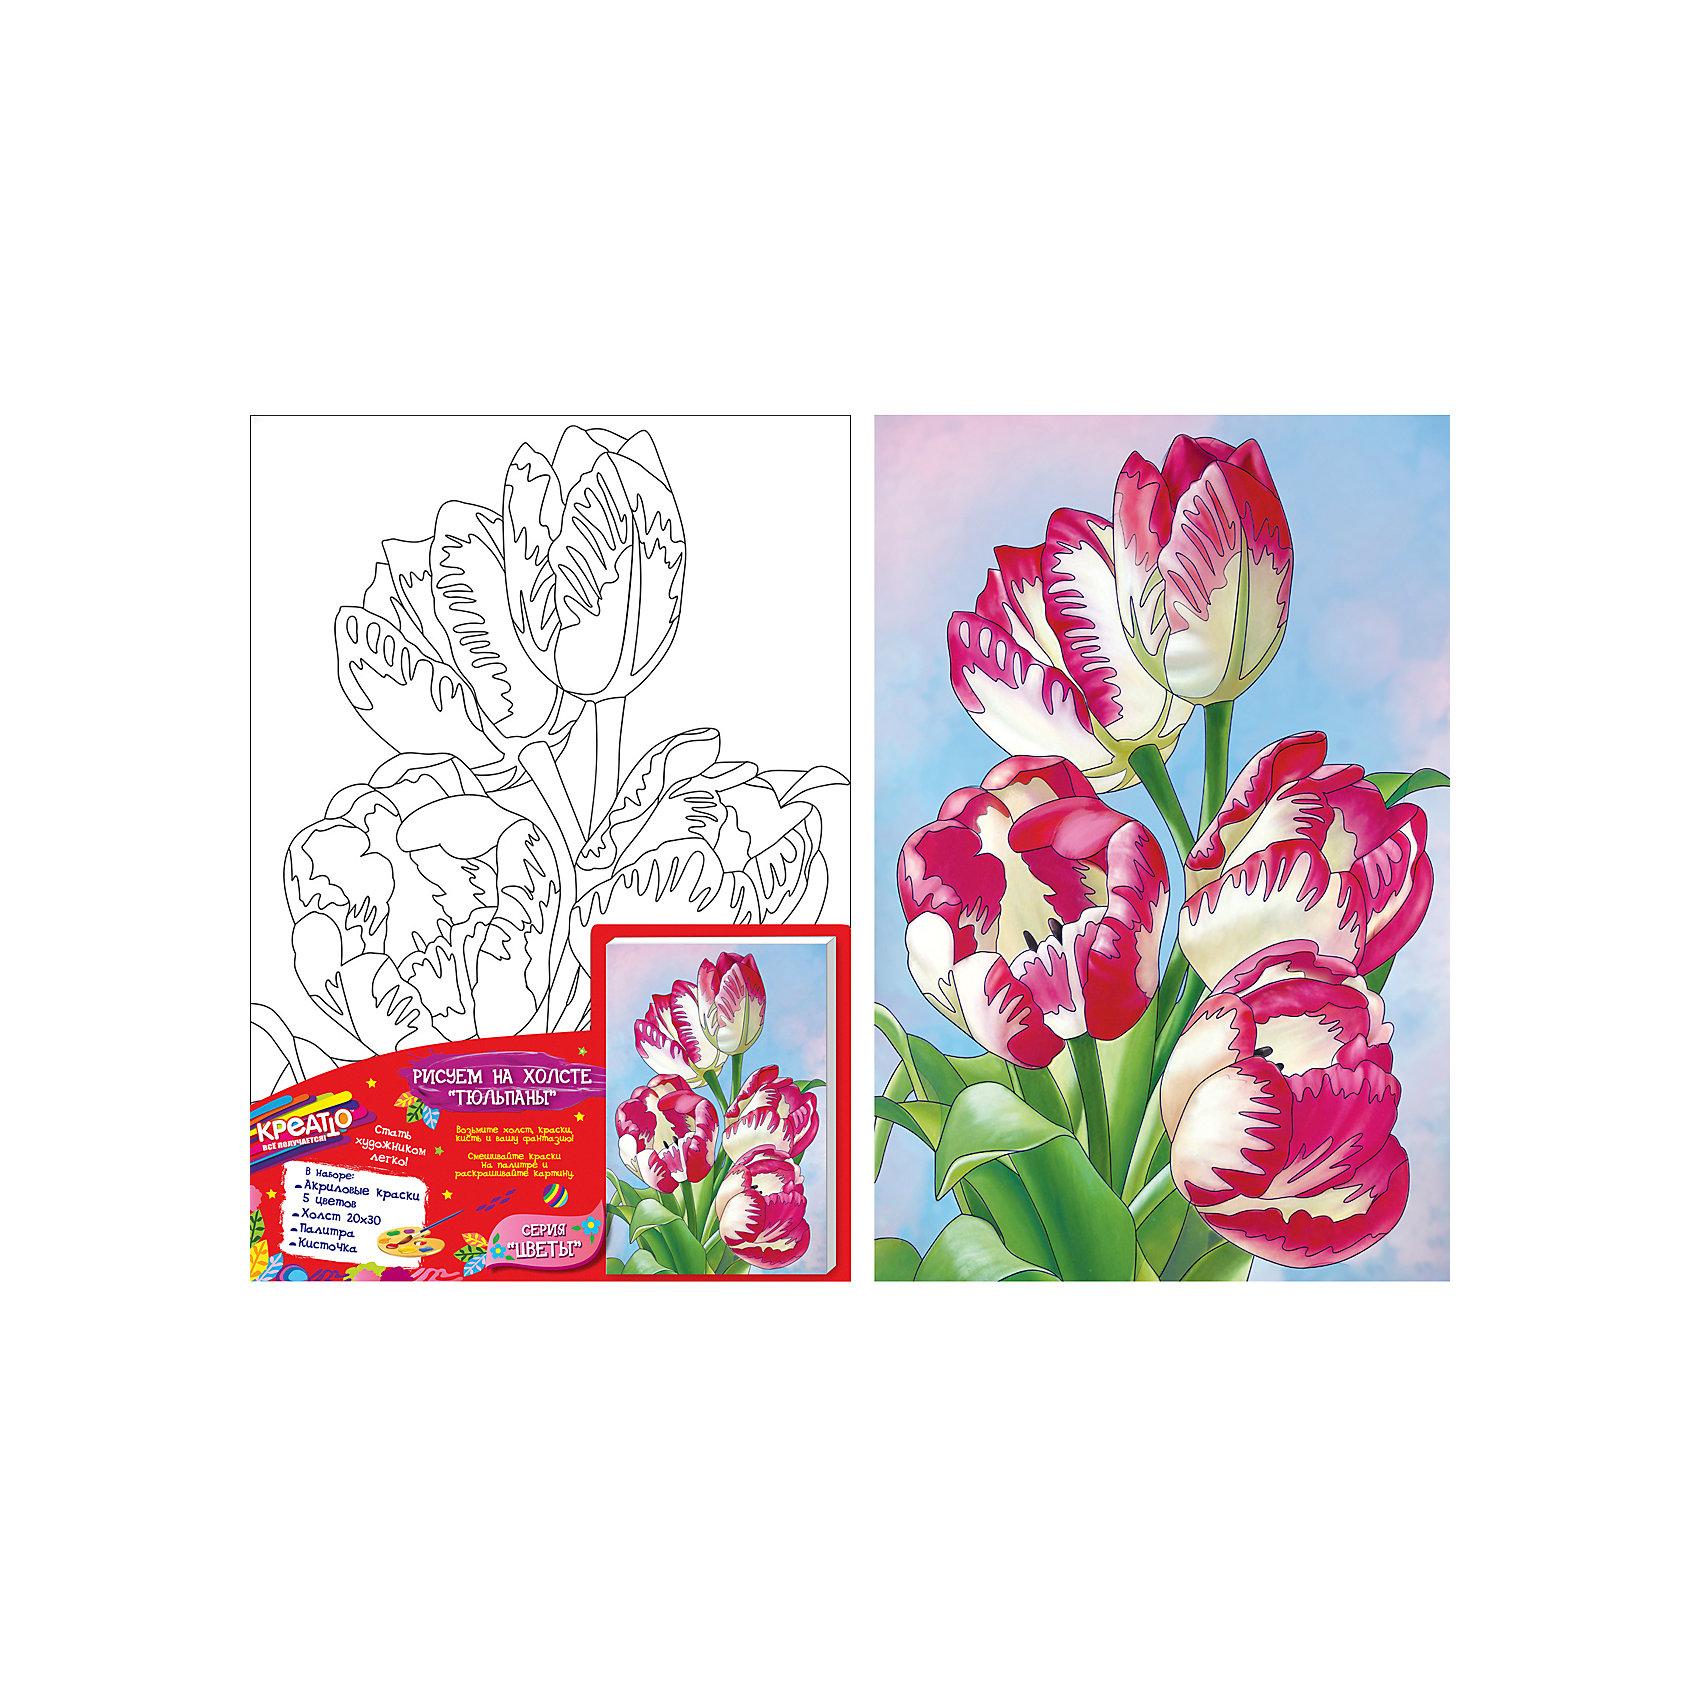 Роспись по холсту ТЮЛЬПАНЫ,20Х30СМДобро пожаловать в мир КРЕАТТО! Предложите ребенку создать на холсте красивую картину «Тюльпаны» из серии «Цветы». В наборе есть все необходимое. Выдавите краску из тюбиков на палитру, при желании смешайте цвета, получив новые оттенки, или разбавьте краски водой для придания им прозрачности. Если ошиблись, то просто закрасьте фрагмент новым цветом поверх подсохшей краски. Акриловые краски легко ложатся на холст, быстро сохнут, хорошо растворяются в воде, после высыхания становятся водонепроницаемыми. У юного художника получится яркая картина с очаровательными тюльпанами, которую можно поставить на видное место. А во время работы с холстом у ребенка развивается мелкая моторика, художественный вкус, воображение, умение рисовать и сочетать цвета.&#13;<br>В наборе: плотный отбеленный загрунтованный холст с контурным рисунком, натянутый на деревянную рамку (20х30 см); 5 ярких цветов акриловых красок в металлических тубах; палитра; кисточка. Товар сертифицирован. Срок годности: 3 года.<br><br>Ширина мм: 200<br>Глубина мм: 300<br>Высота мм: 15<br>Вес г: 243<br>Возраст от месяцев: 36<br>Возраст до месяцев: 84<br>Пол: Унисекс<br>Возраст: Детский<br>SKU: 5016383